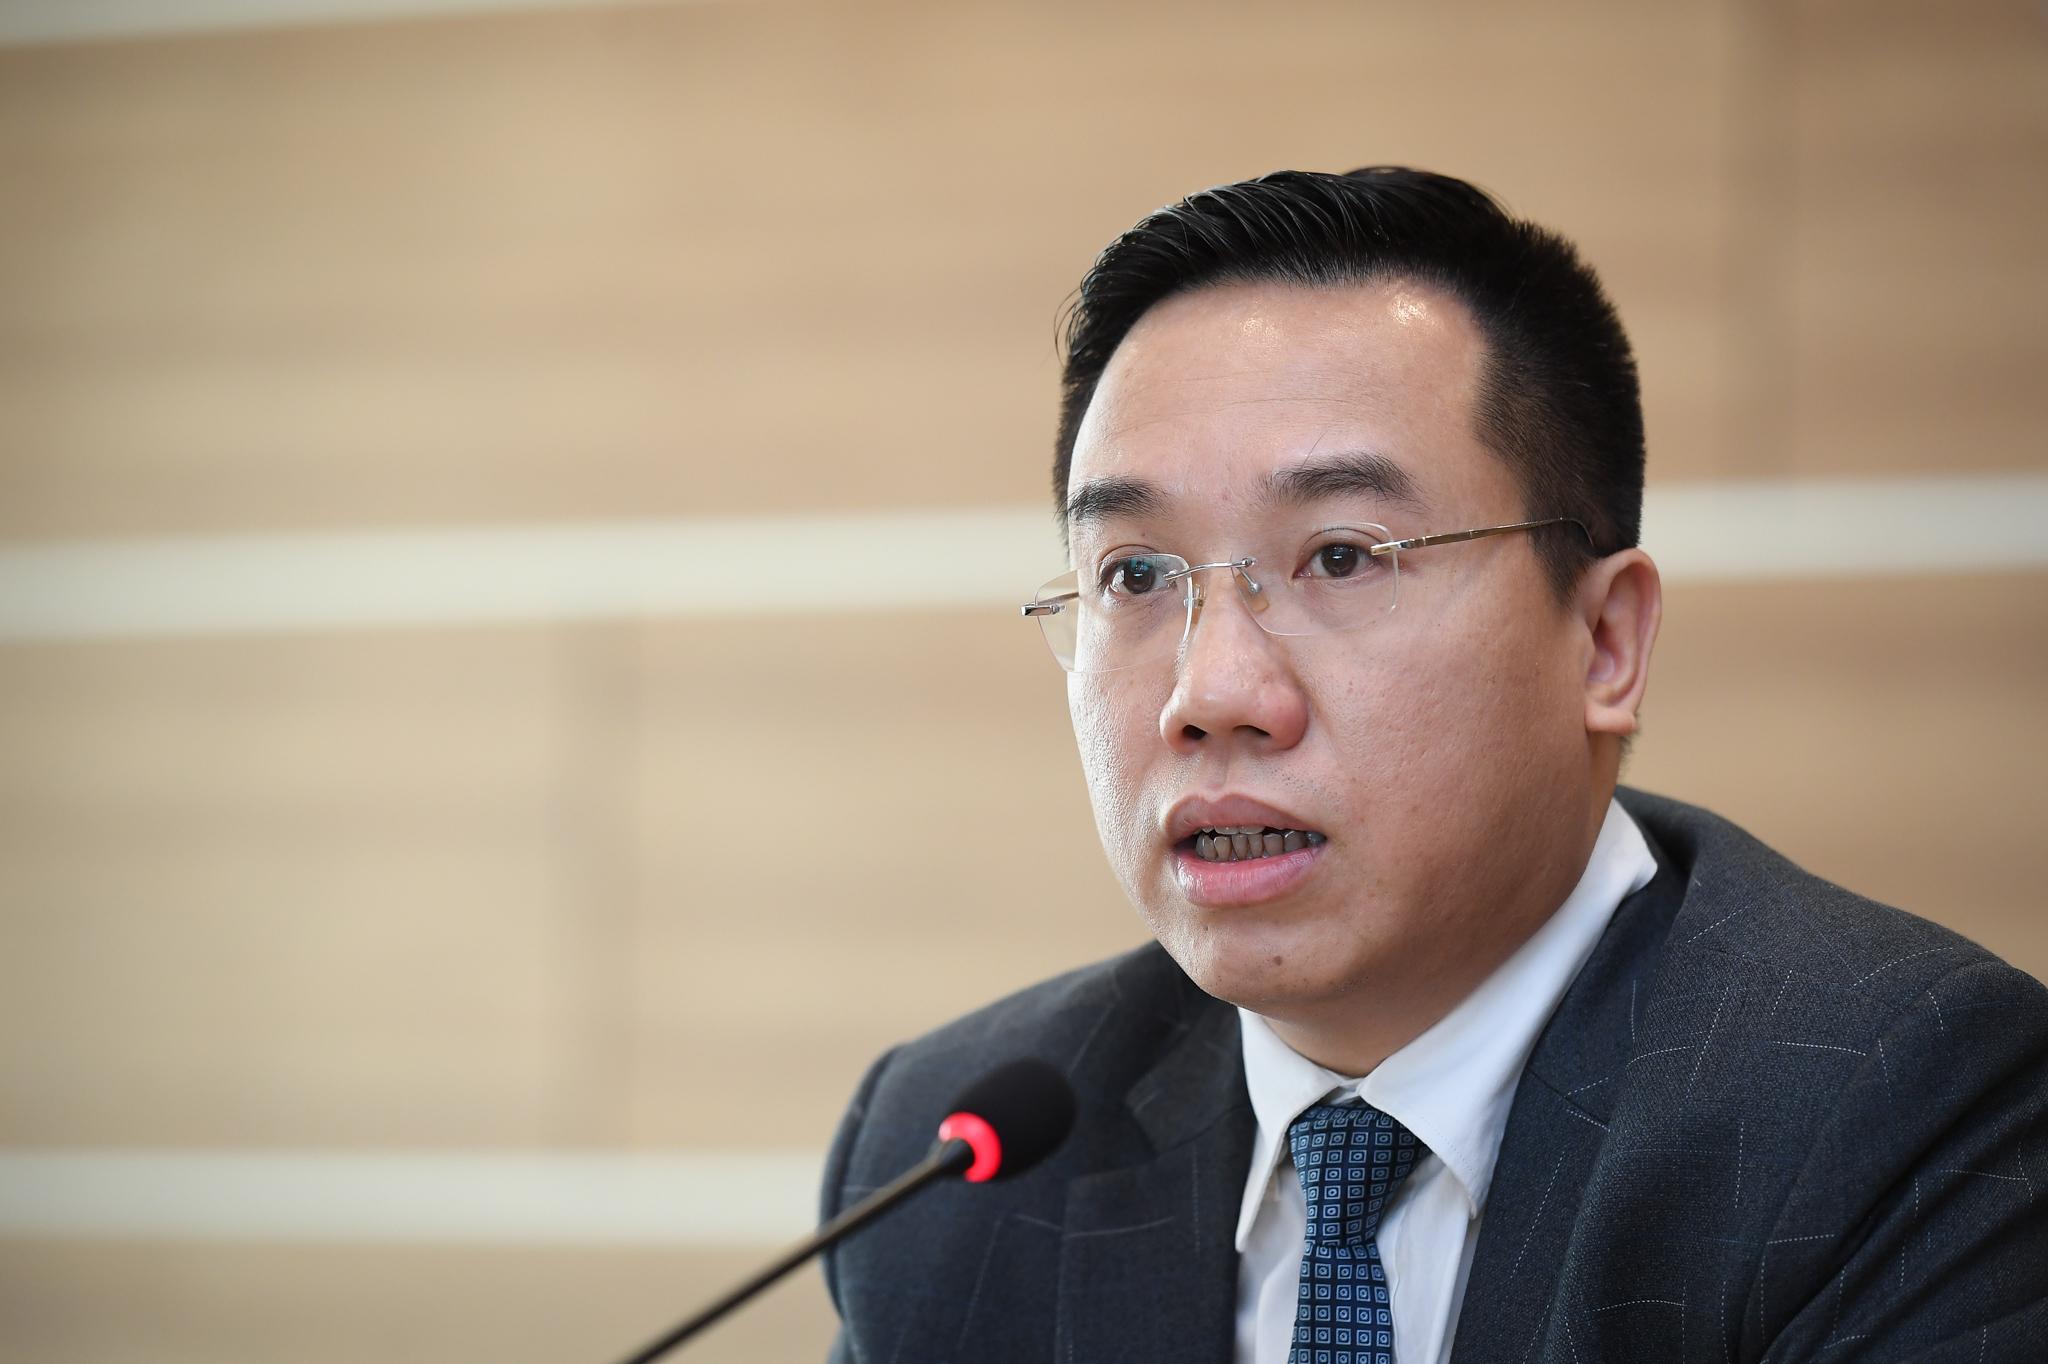 Nhà thơ Hữu Việt, ca sĩ Phạm Thu Hà giao lưu tại Hội sách trực tuyến quốc gia 2020